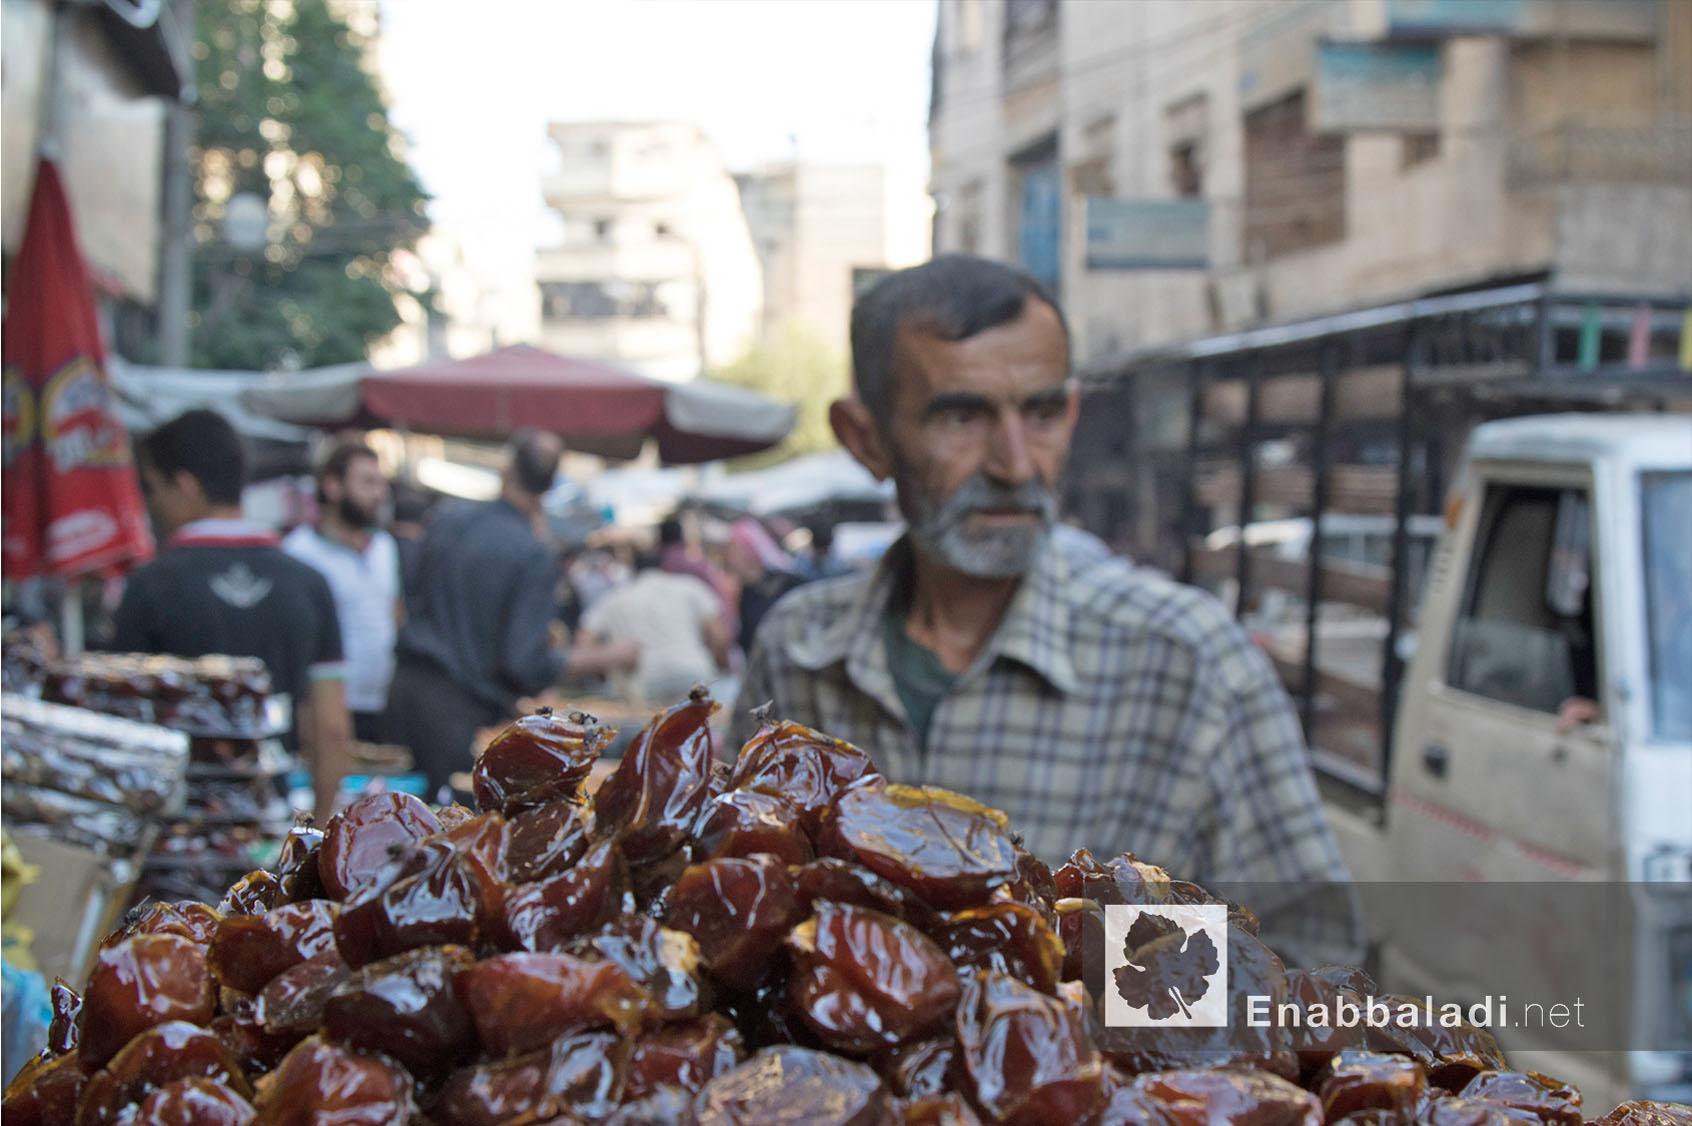 بائع تمر في مدينة حلب خلال رمضان - 13 حزيران 2016 - (عنب بلدي)